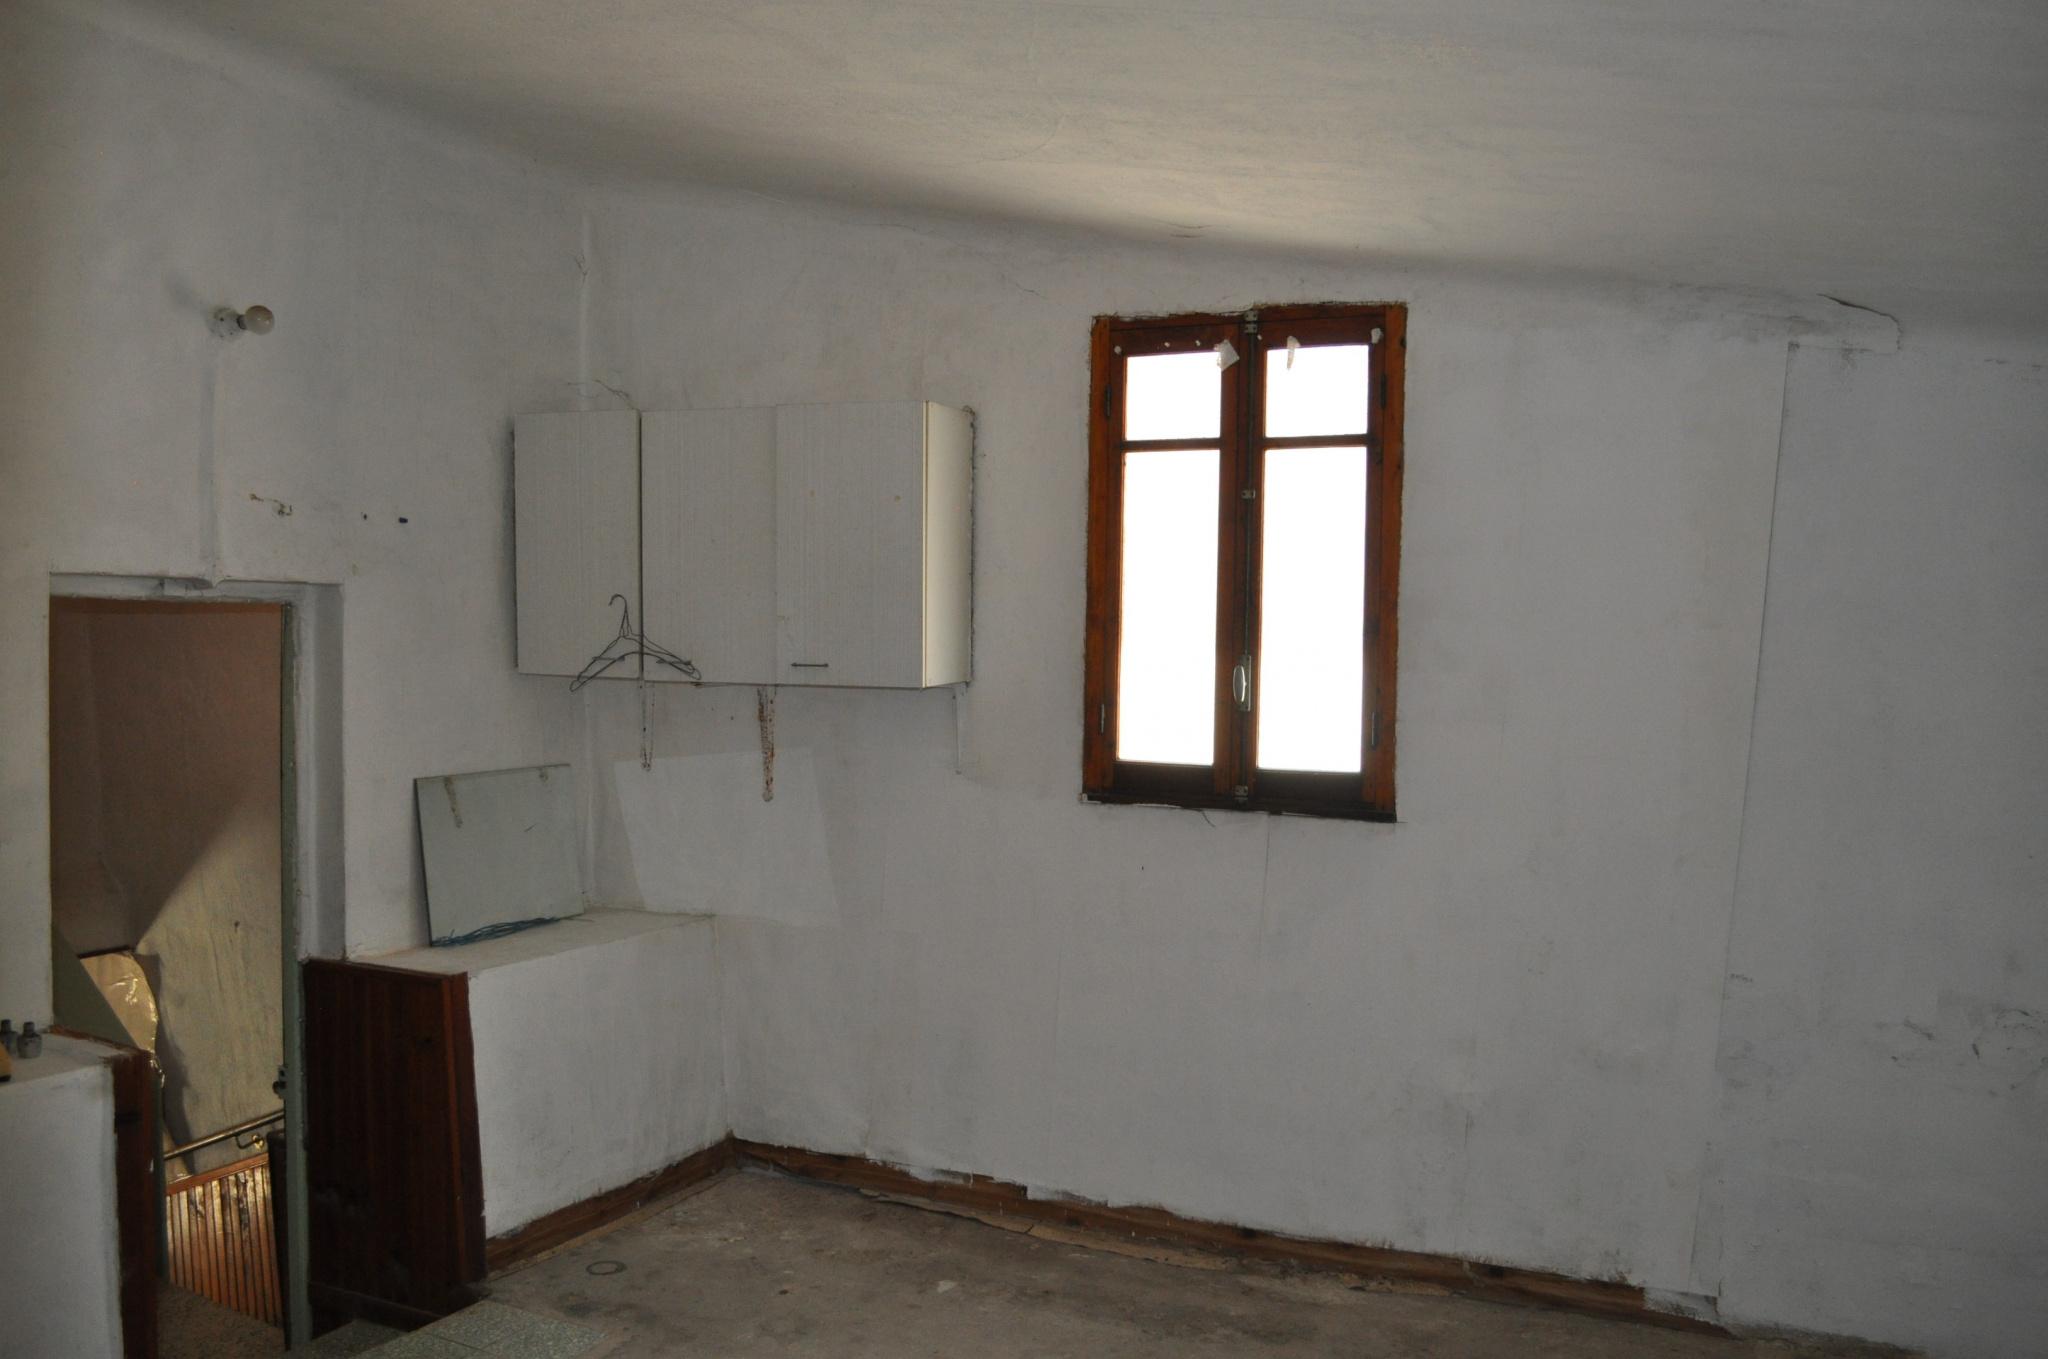 Chambre du 1er étage à rénover